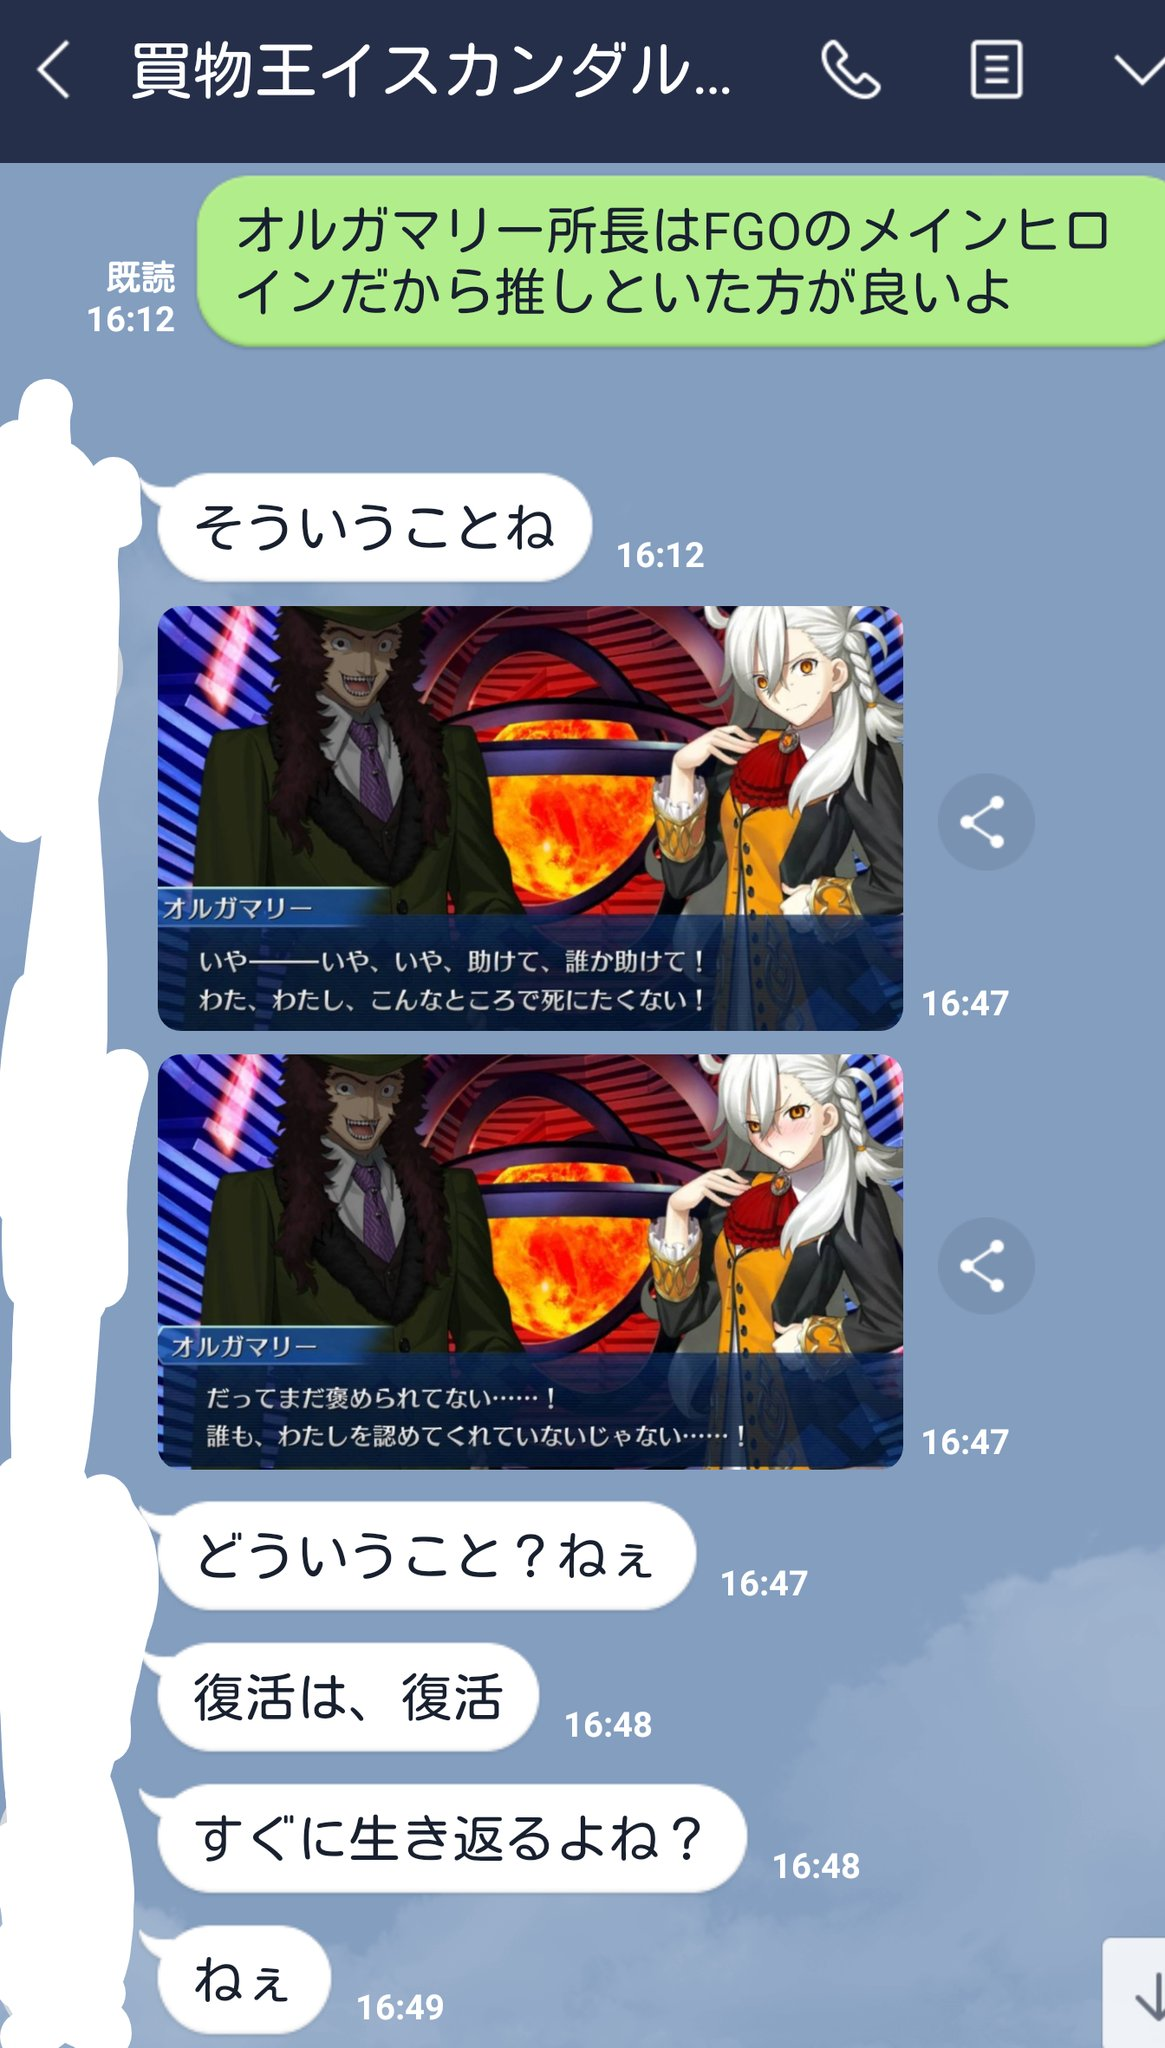 51DvFkM - 【悲報】イキり鯖太郎「母にFGO勧めた結果をご査収ください」→4.3万いいね